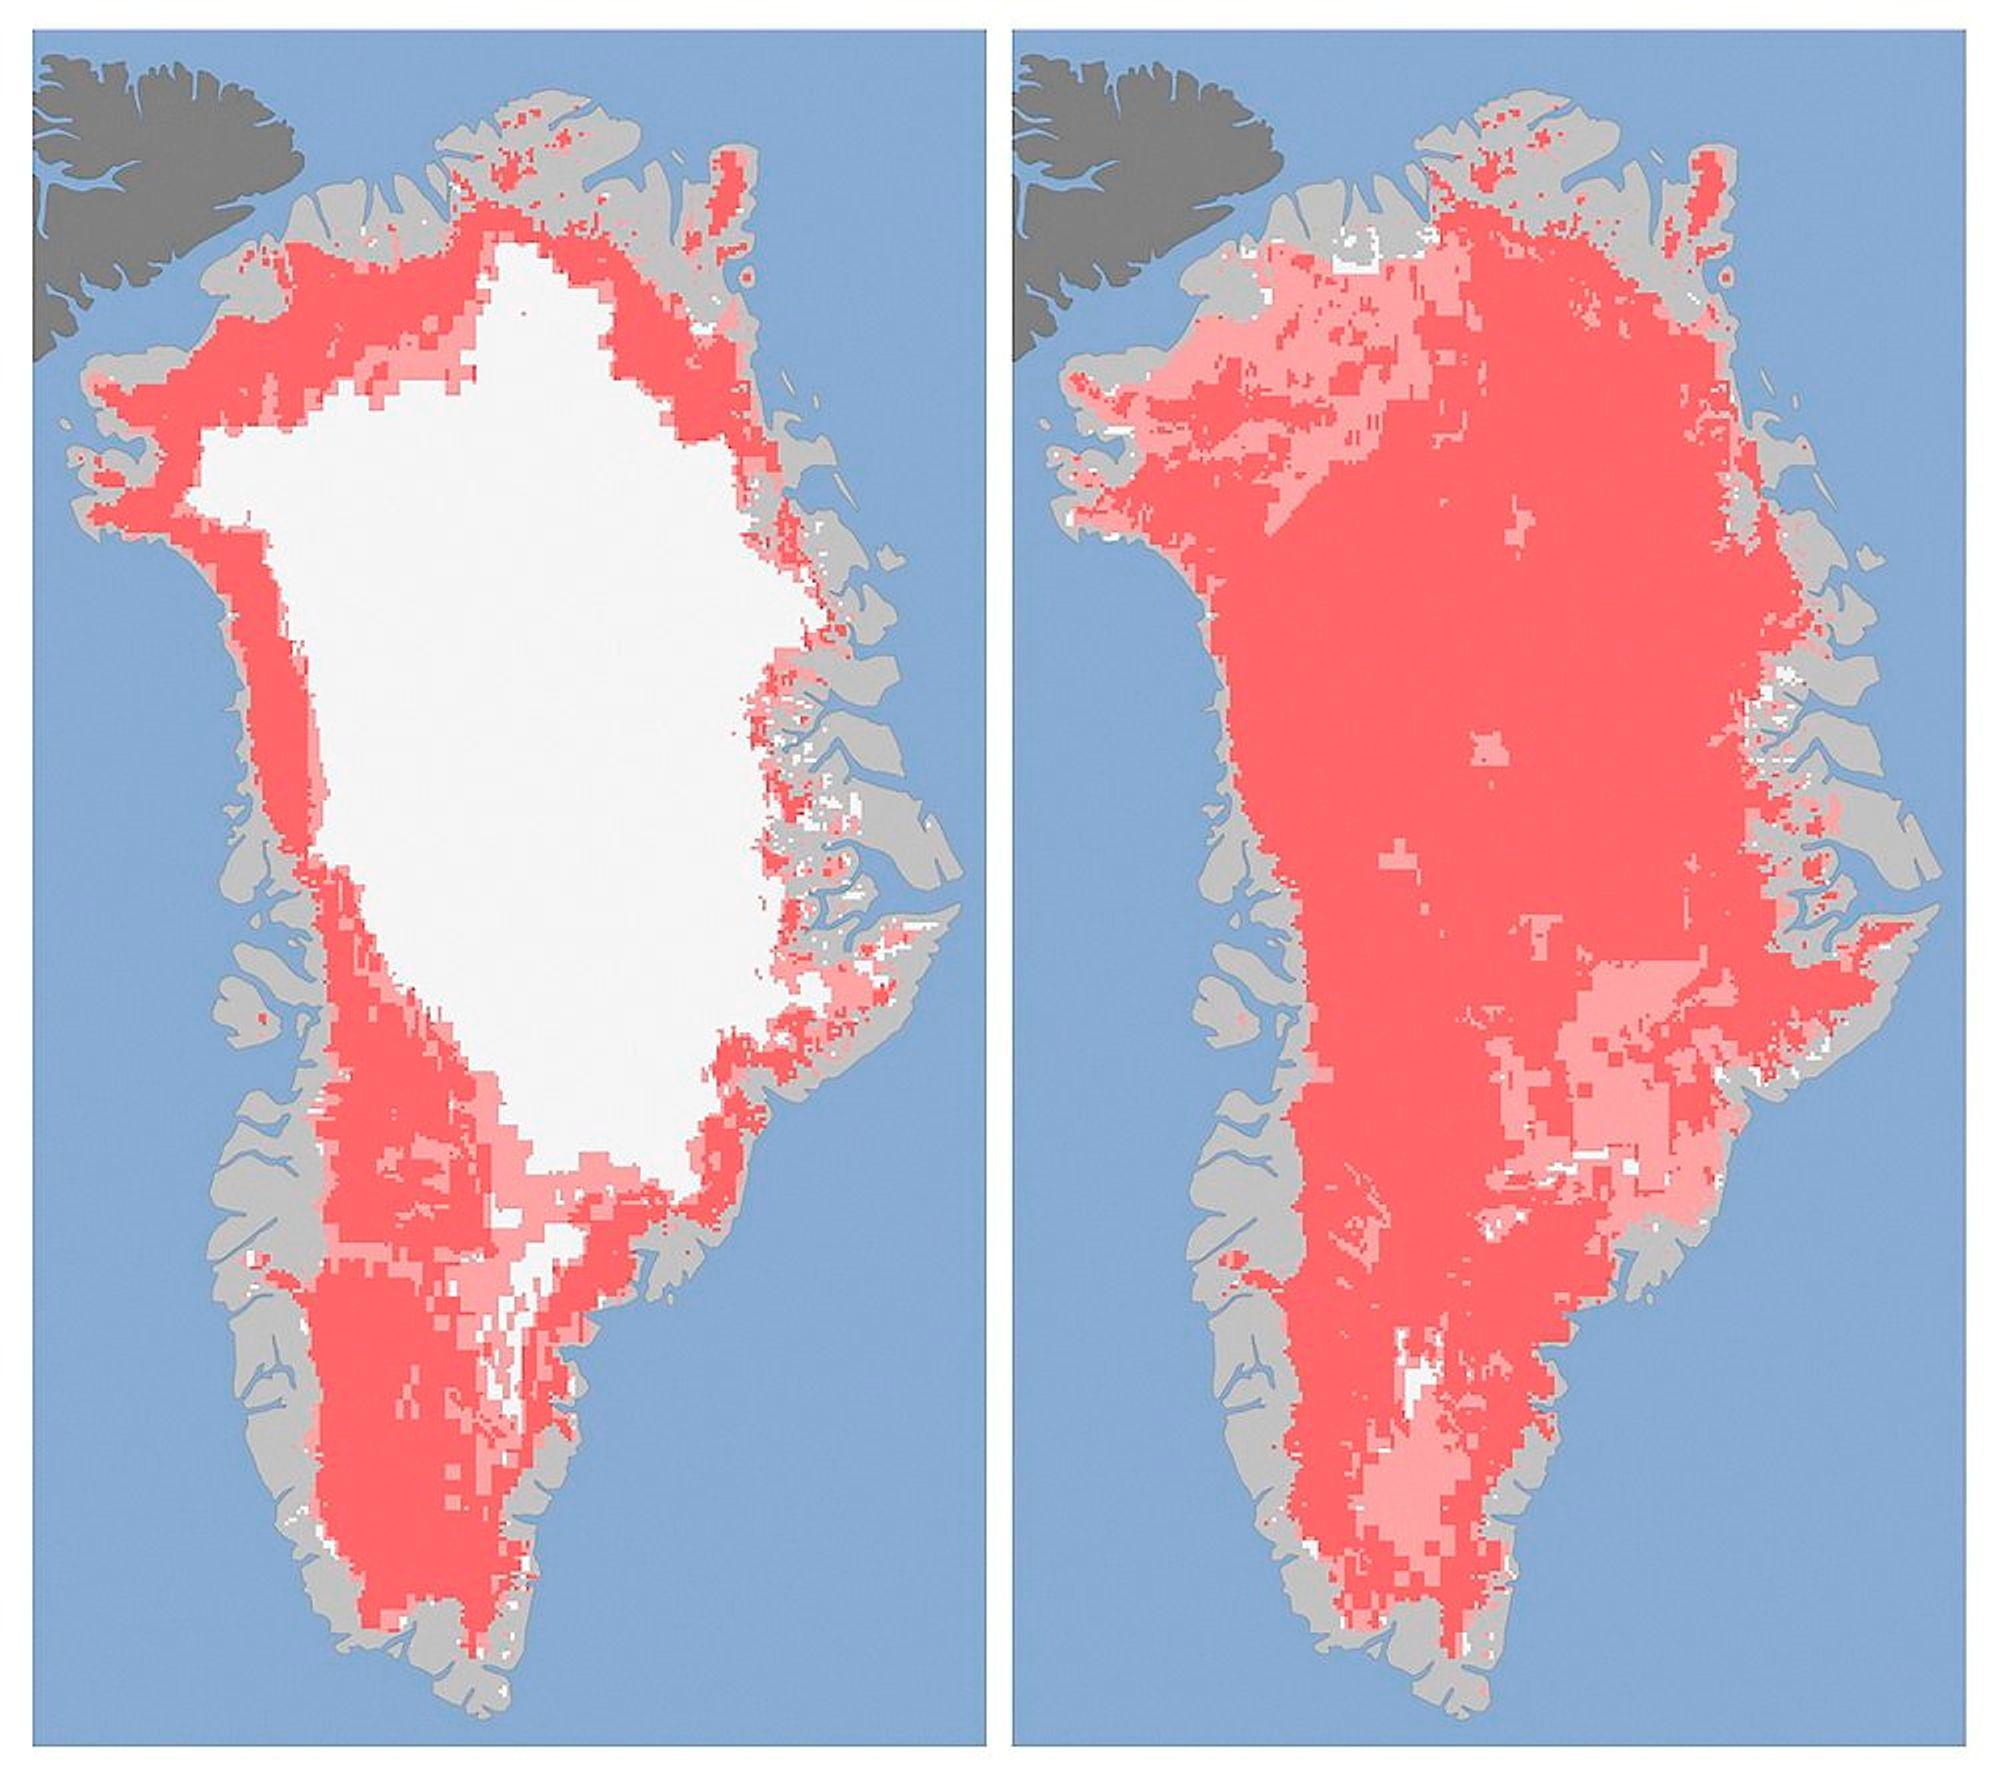 Disse to kartene bygd på satellittfotografier fra USAs romfartsorganisasjon NASA viser hvor raskt overflaten på innlandsisen på Grønland smeltet i perioden fra 8. juli til 12. juli i år.